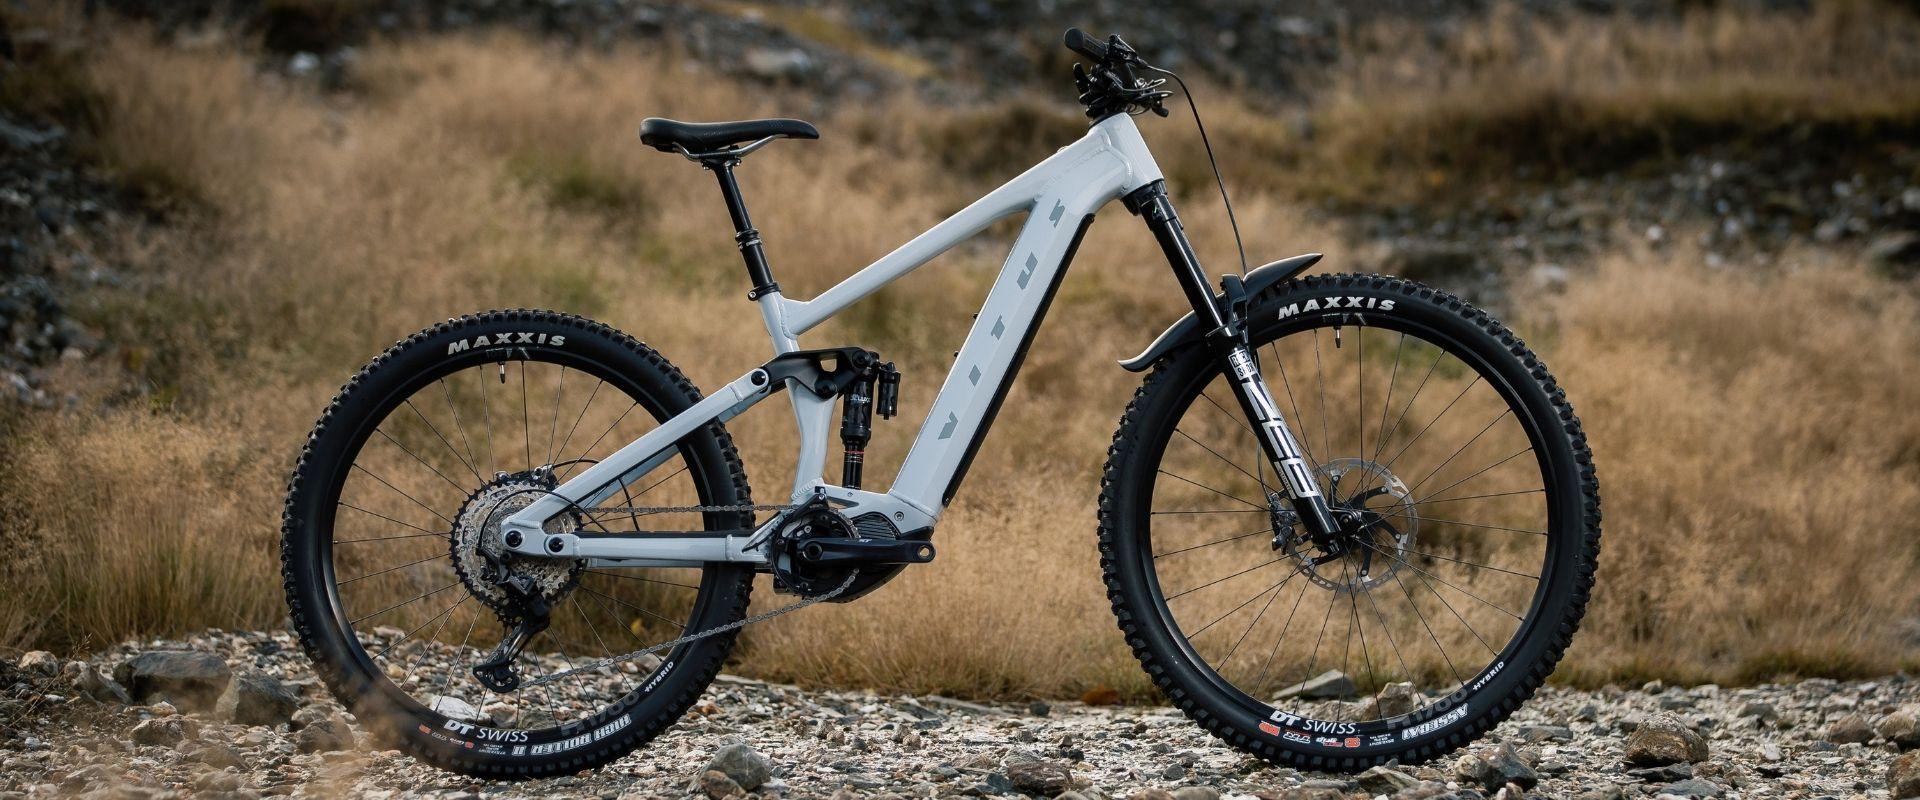 Vitus E-Sommet VRX Mountain Bike